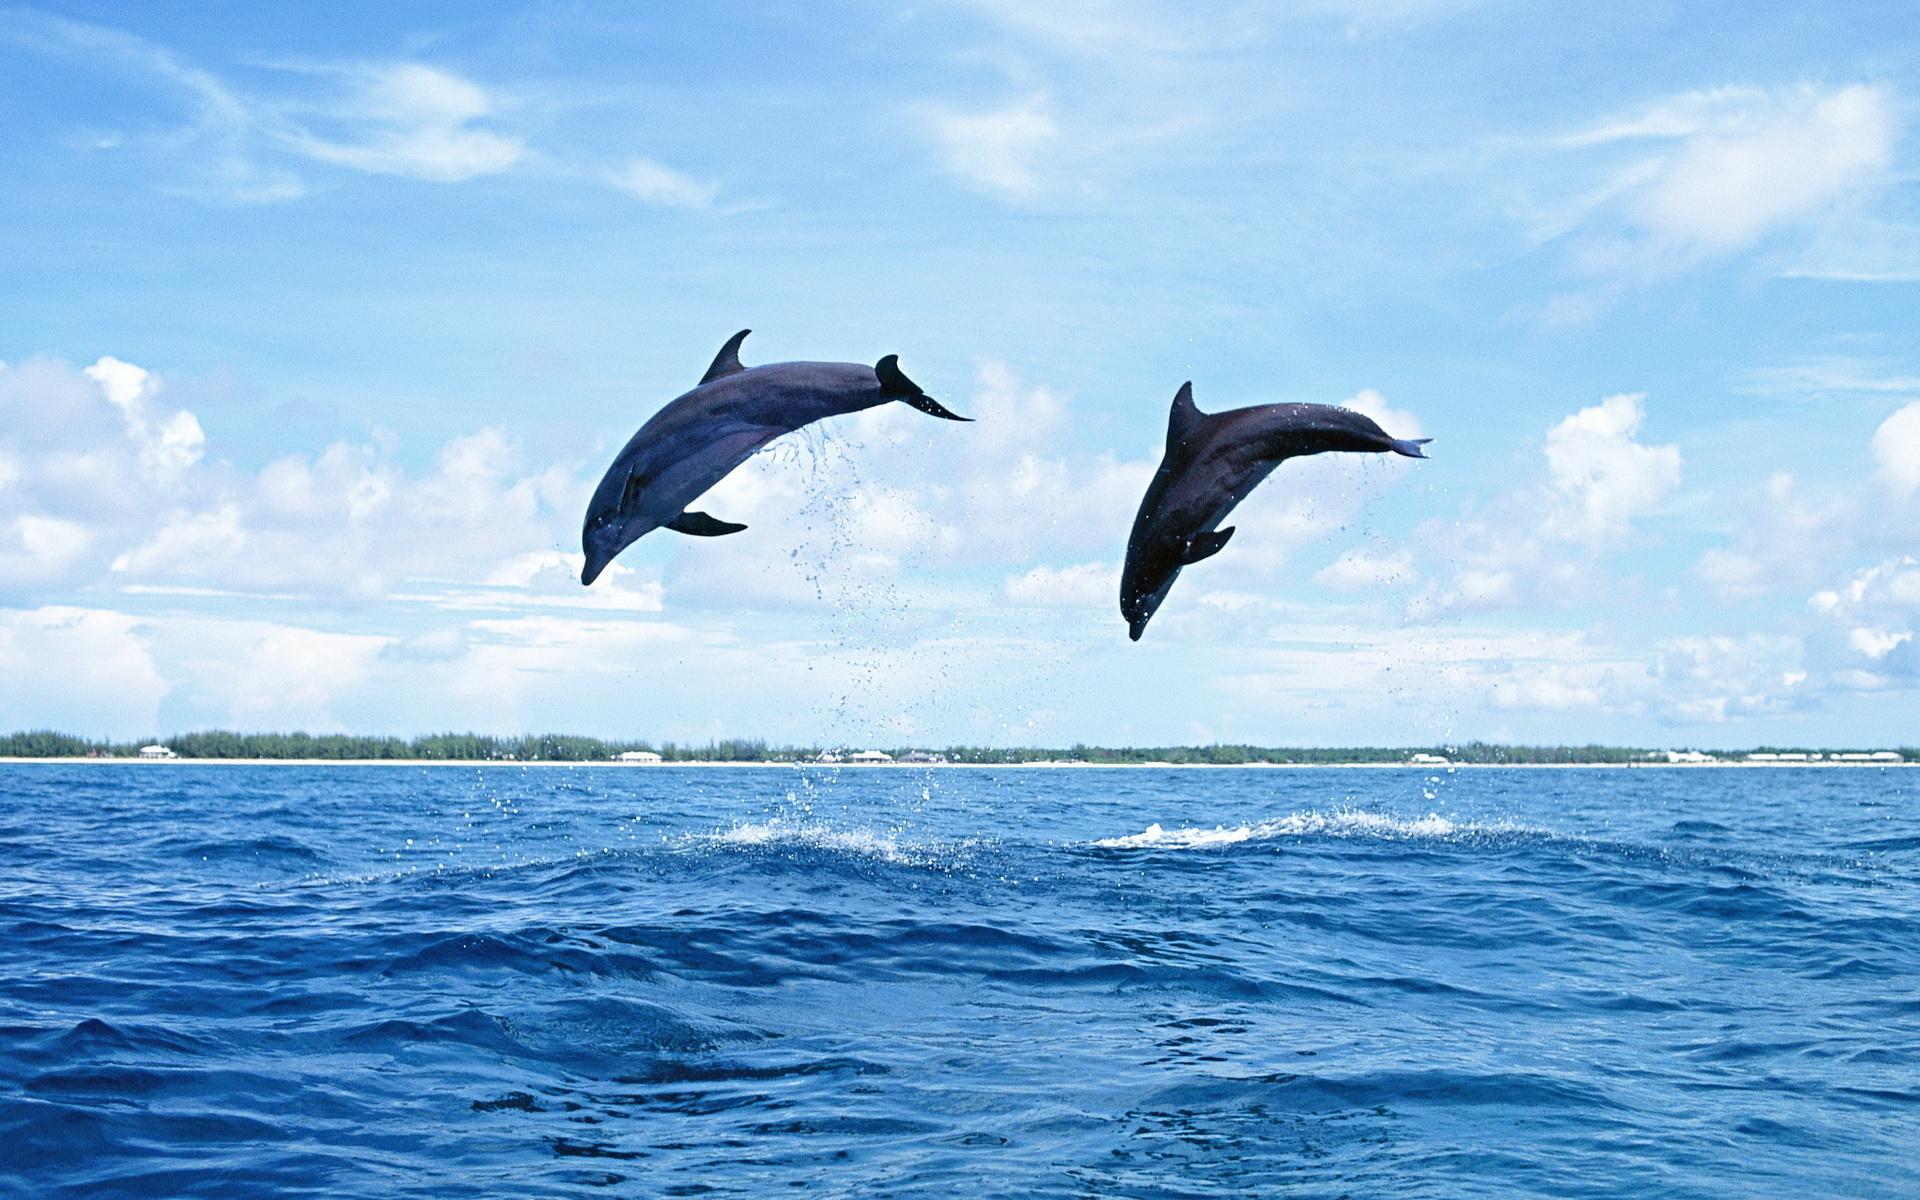 Красивые картинки с дельфинами на море, проснулся картинки